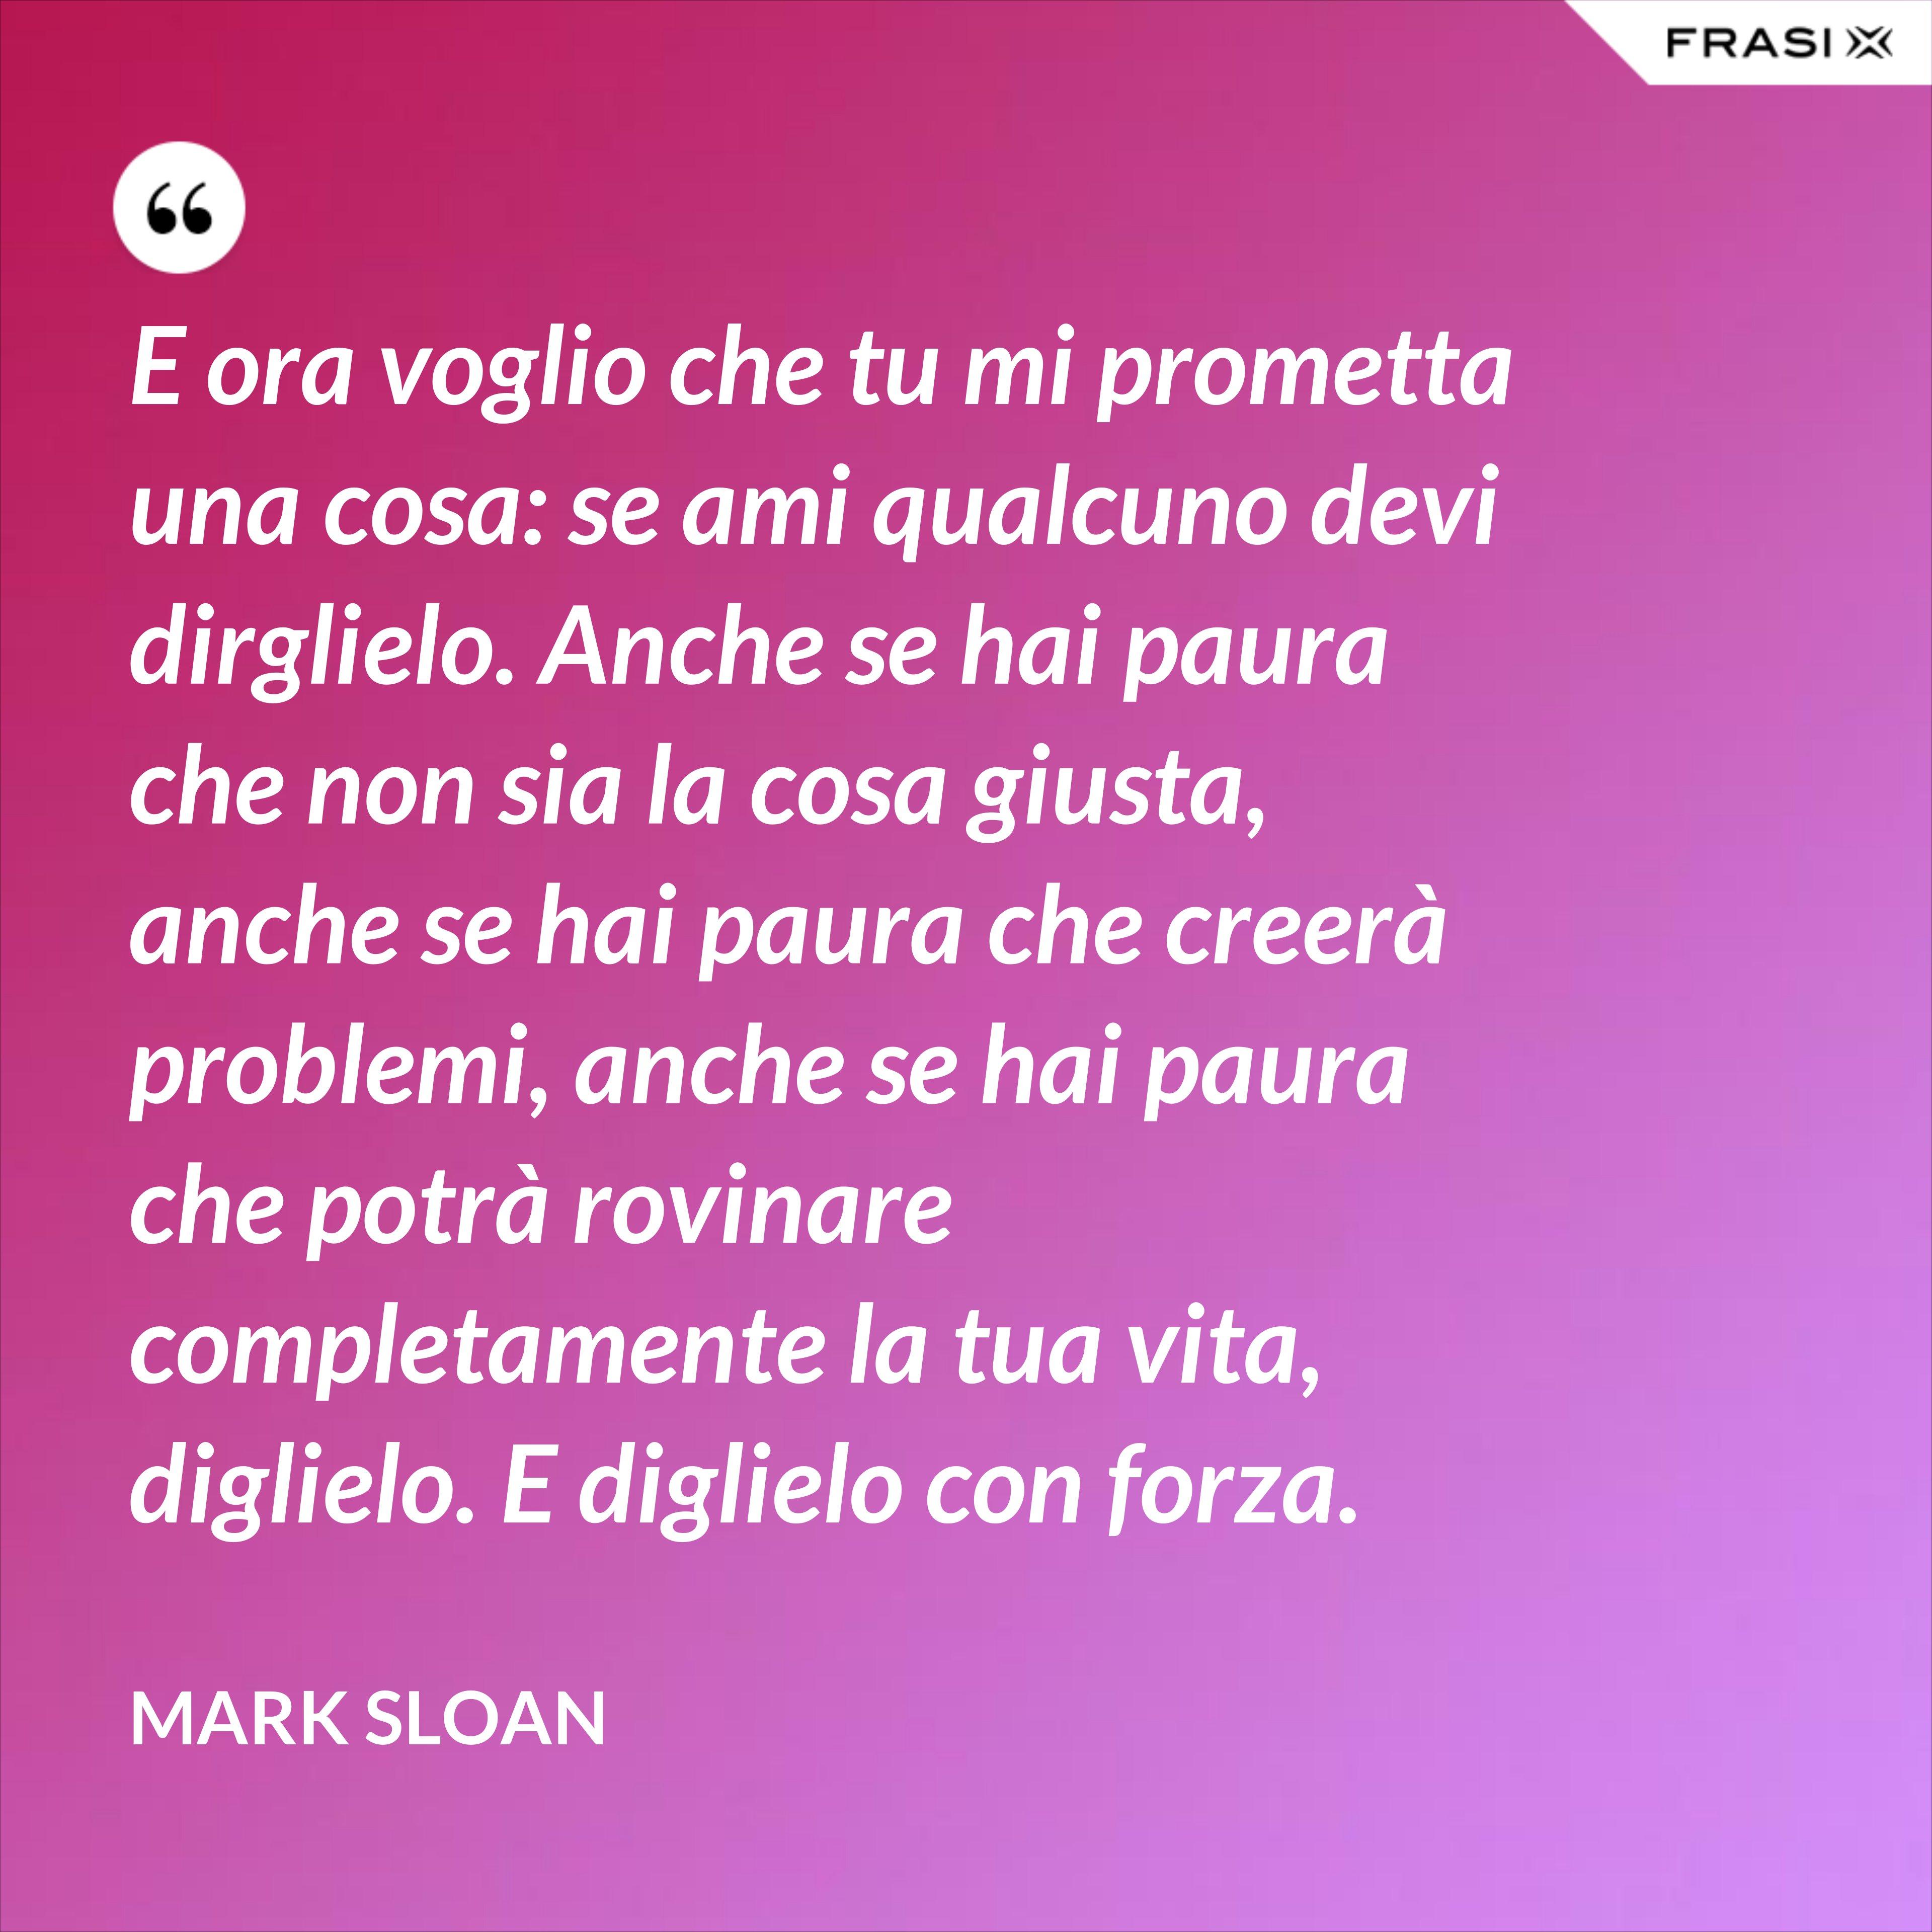 E ora voglio che tu mi prometta una cosa: se ami qualcuno devi dirglielo. Anche se hai paura che non sia la cosa giusta, anche se hai paura che creerà problemi, anche se hai paura che potrà rovinare completamente la tua vita, diglielo. E diglielo con forza. - Mark Sloan